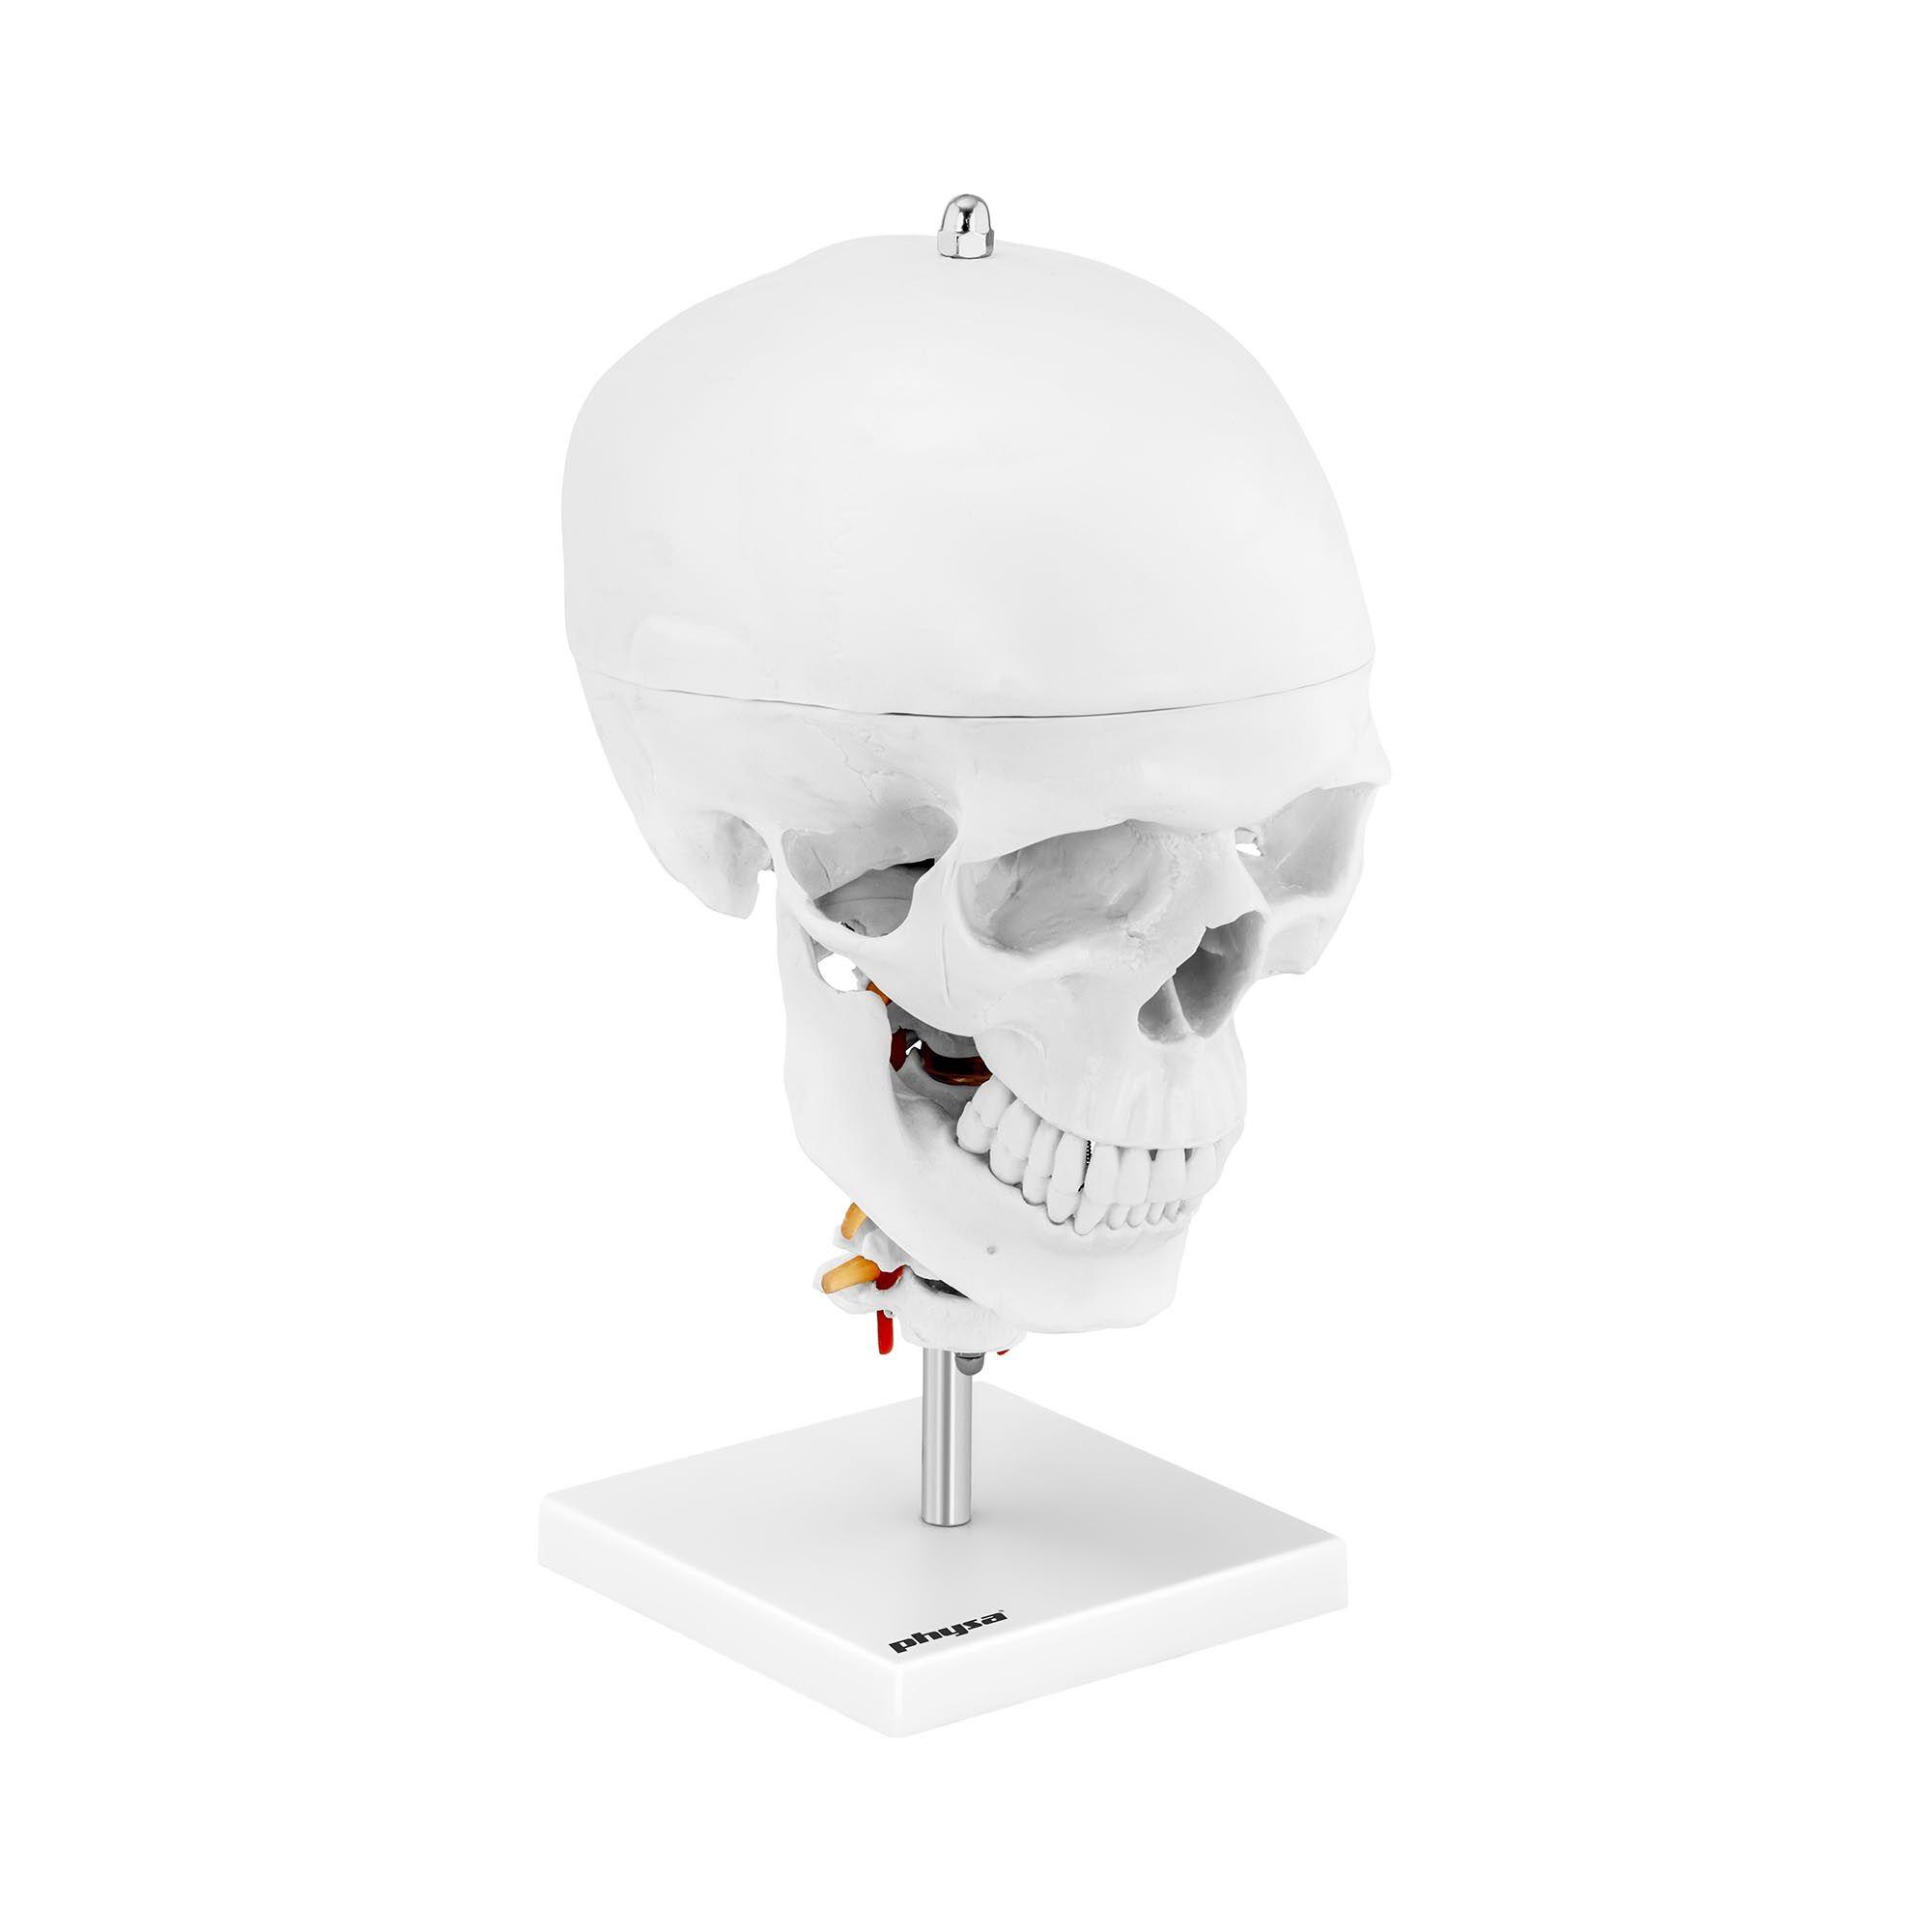 physa Maquette anatomique du crâne humain - Avec 7 vertèbres cervicales et cerveau - Grandeur nature PHY- SK-8